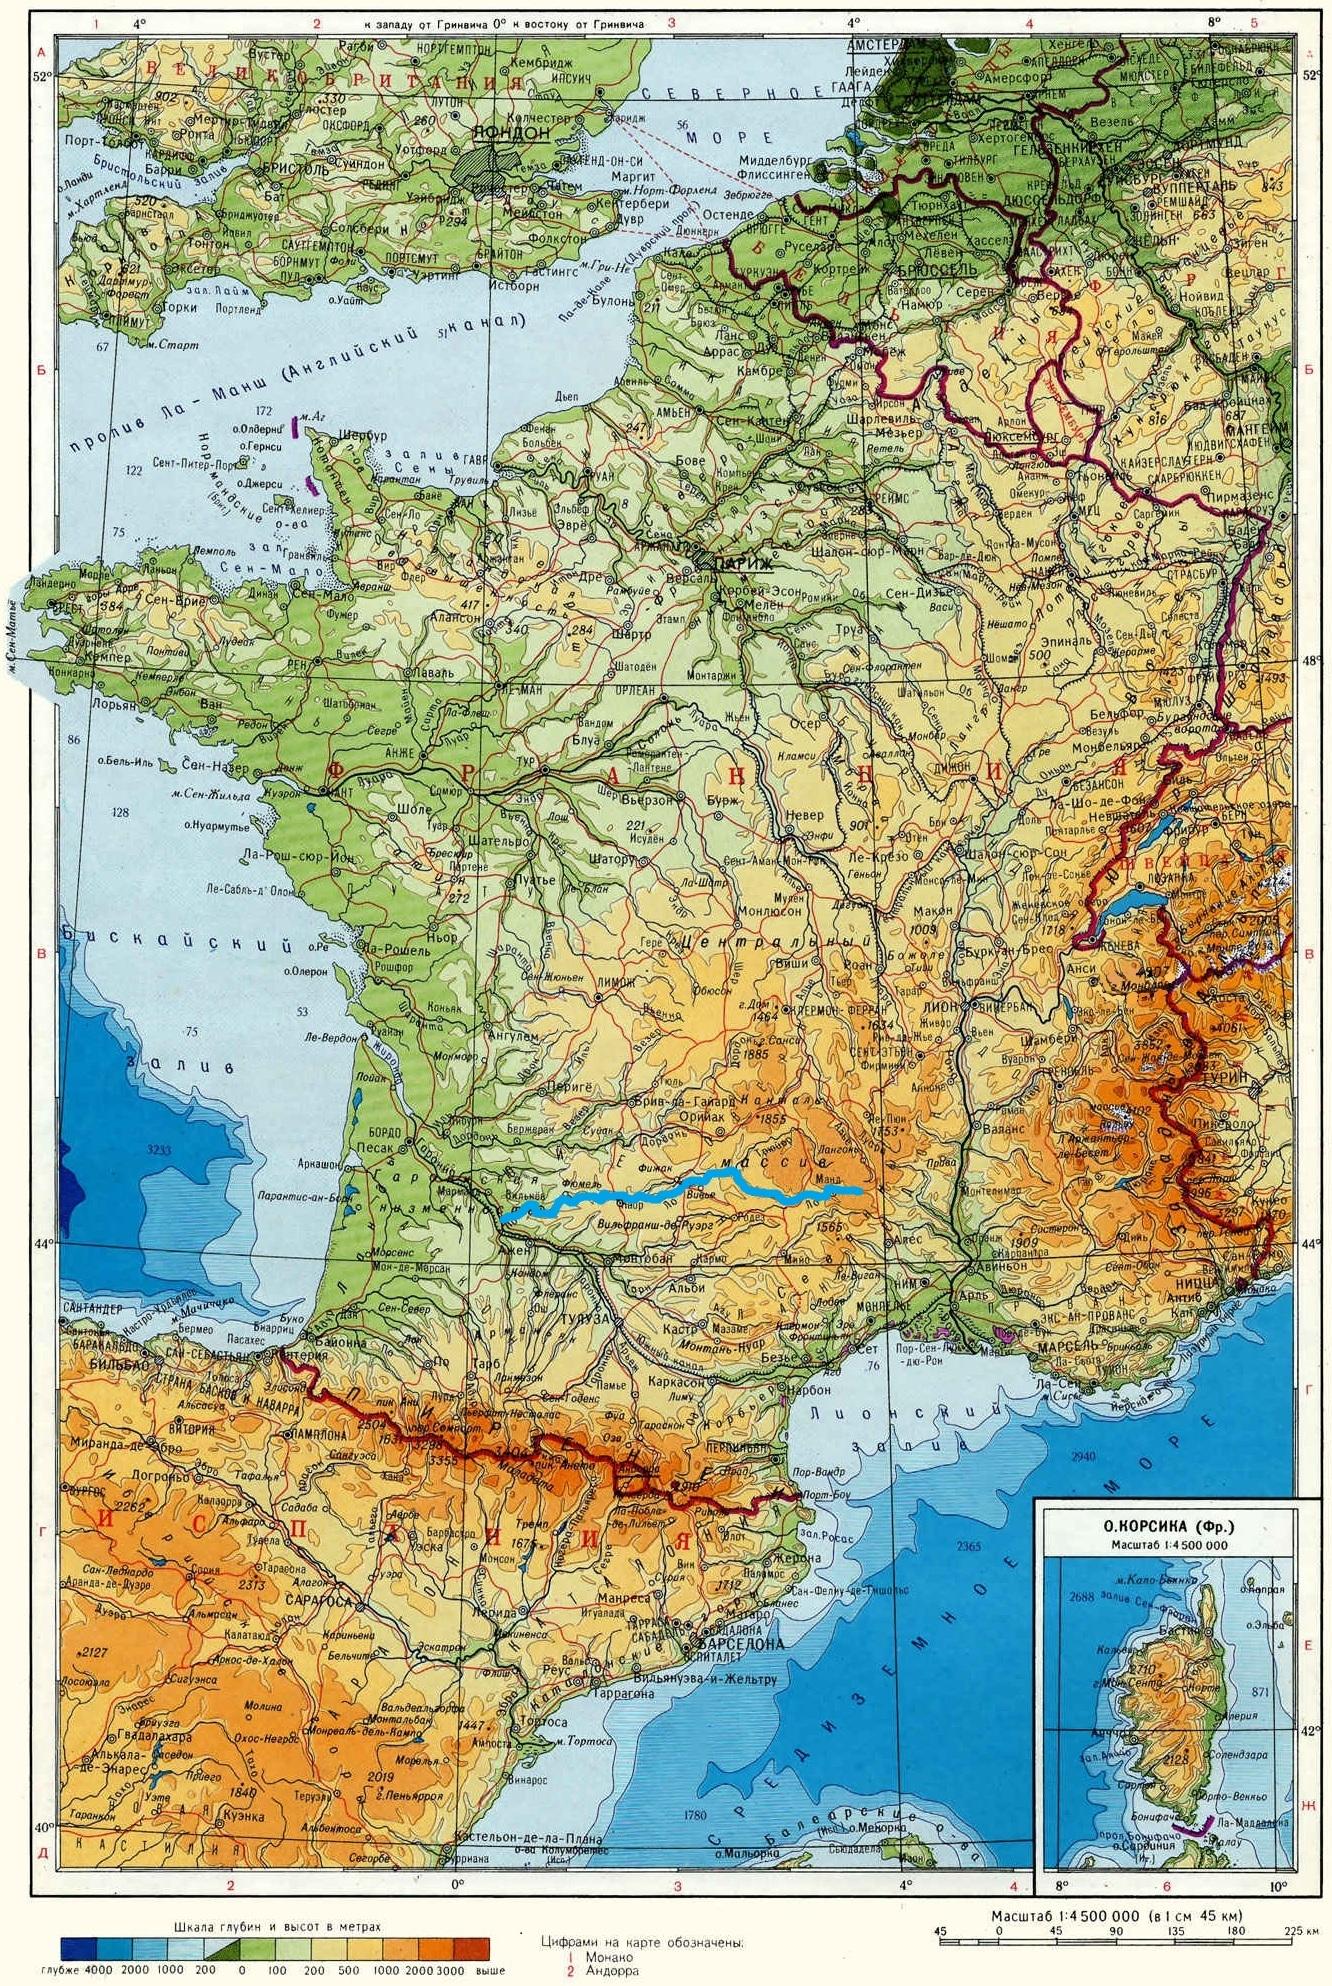 Река Ло (Lot) на карте